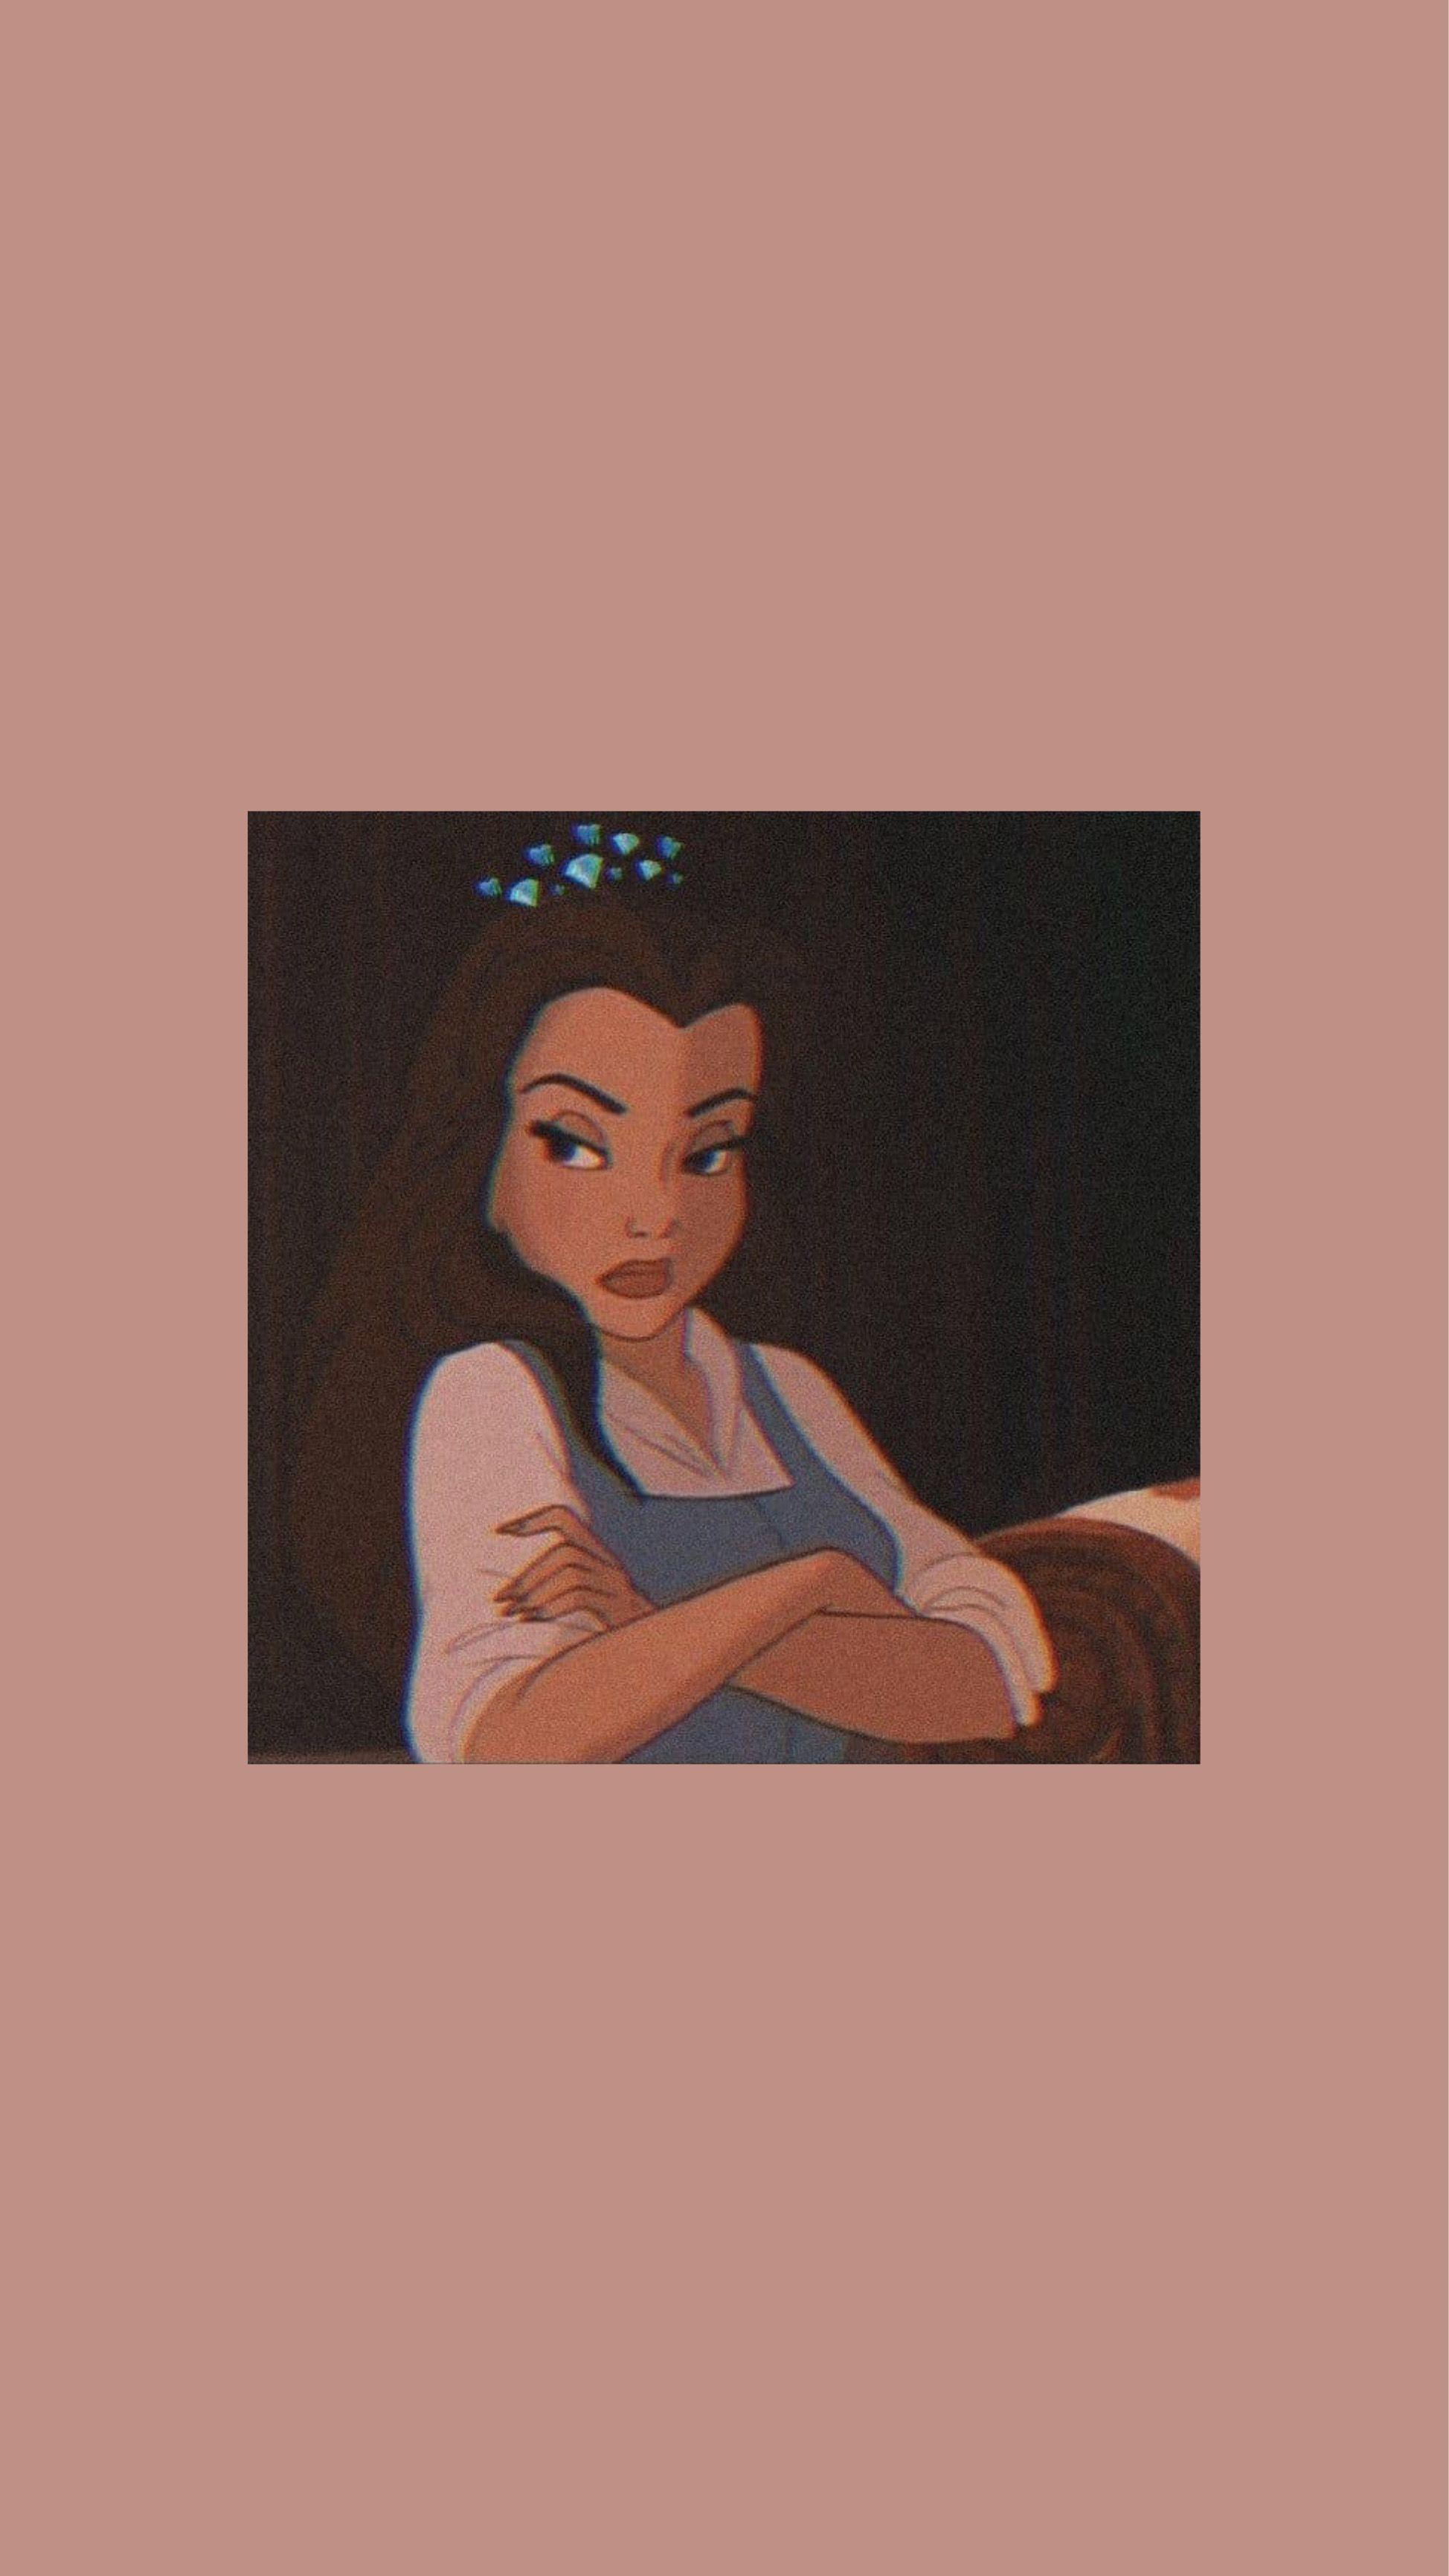 Belle taustakuva #lockscreeniphone Sassy Disney Belle Kaunotar ja hirviö taustakuva iphone